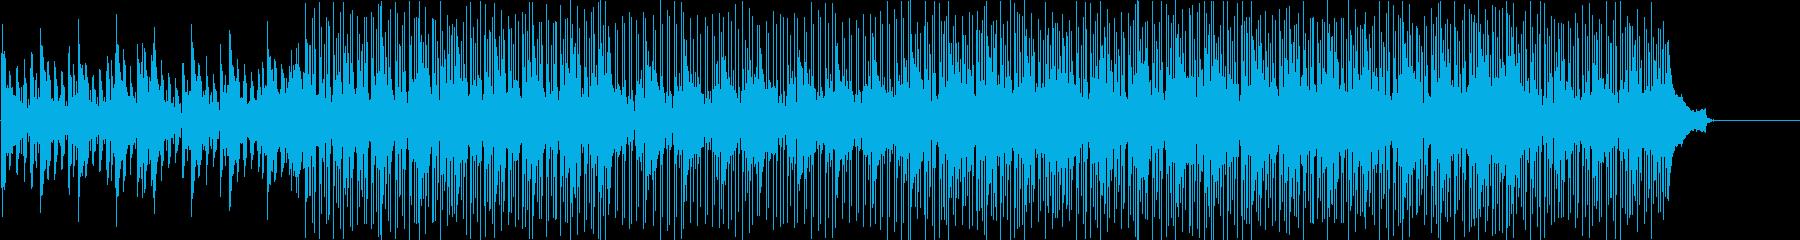 企業VP・CM アコギ・ギター前向きの再生済みの波形